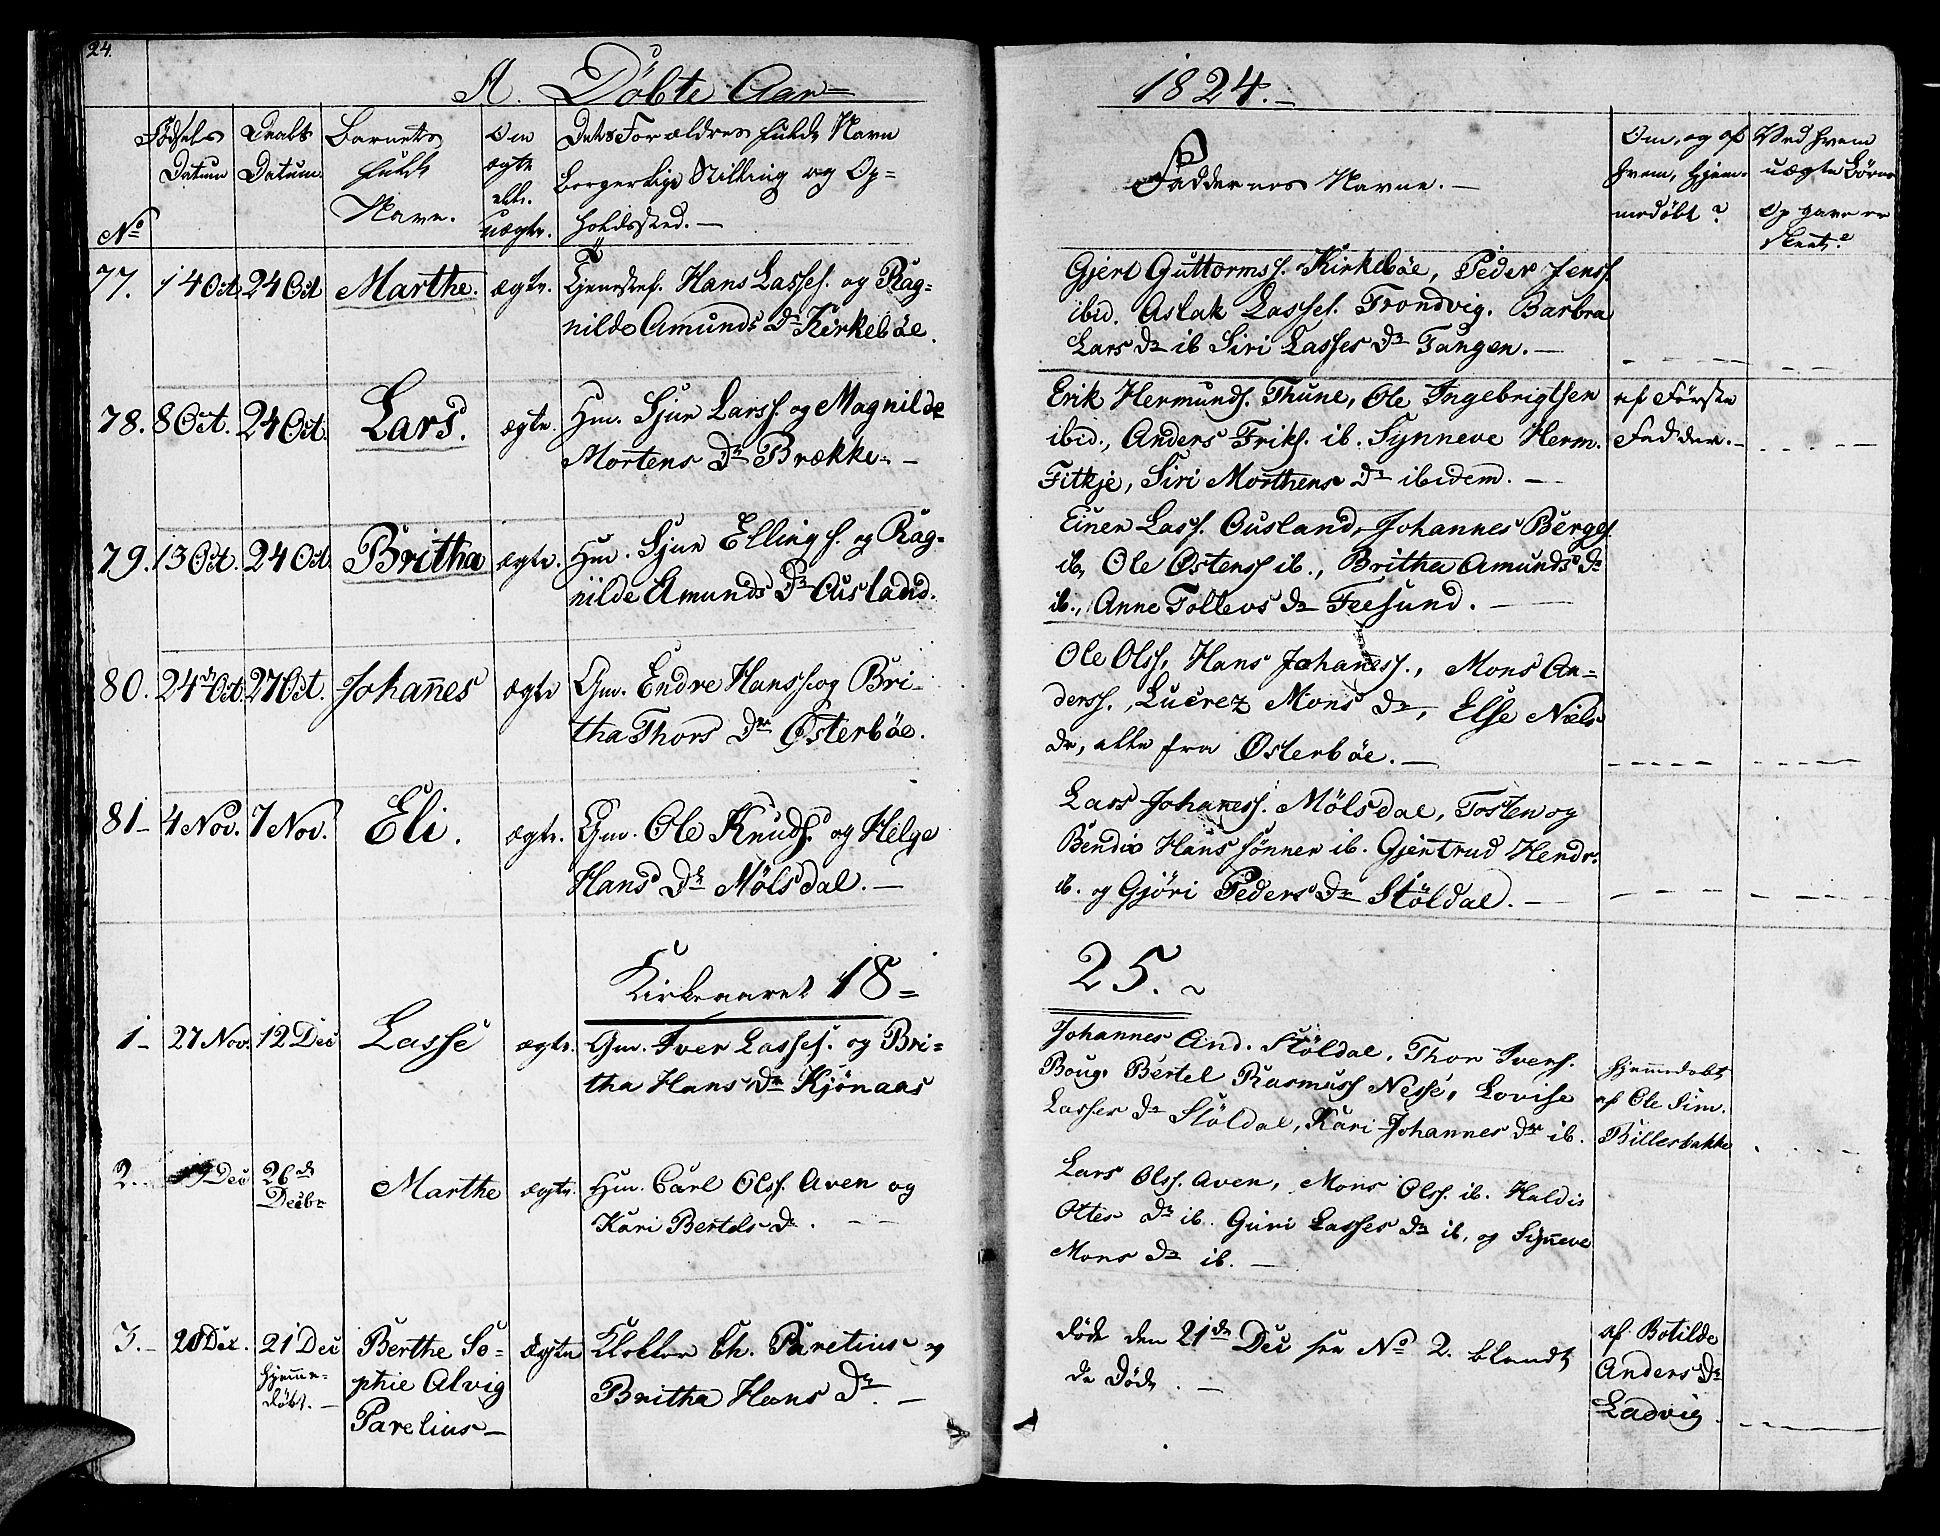 SAB, Lavik sokneprestembete, Ministerialbok nr. A 2I, 1821-1842, s. 24